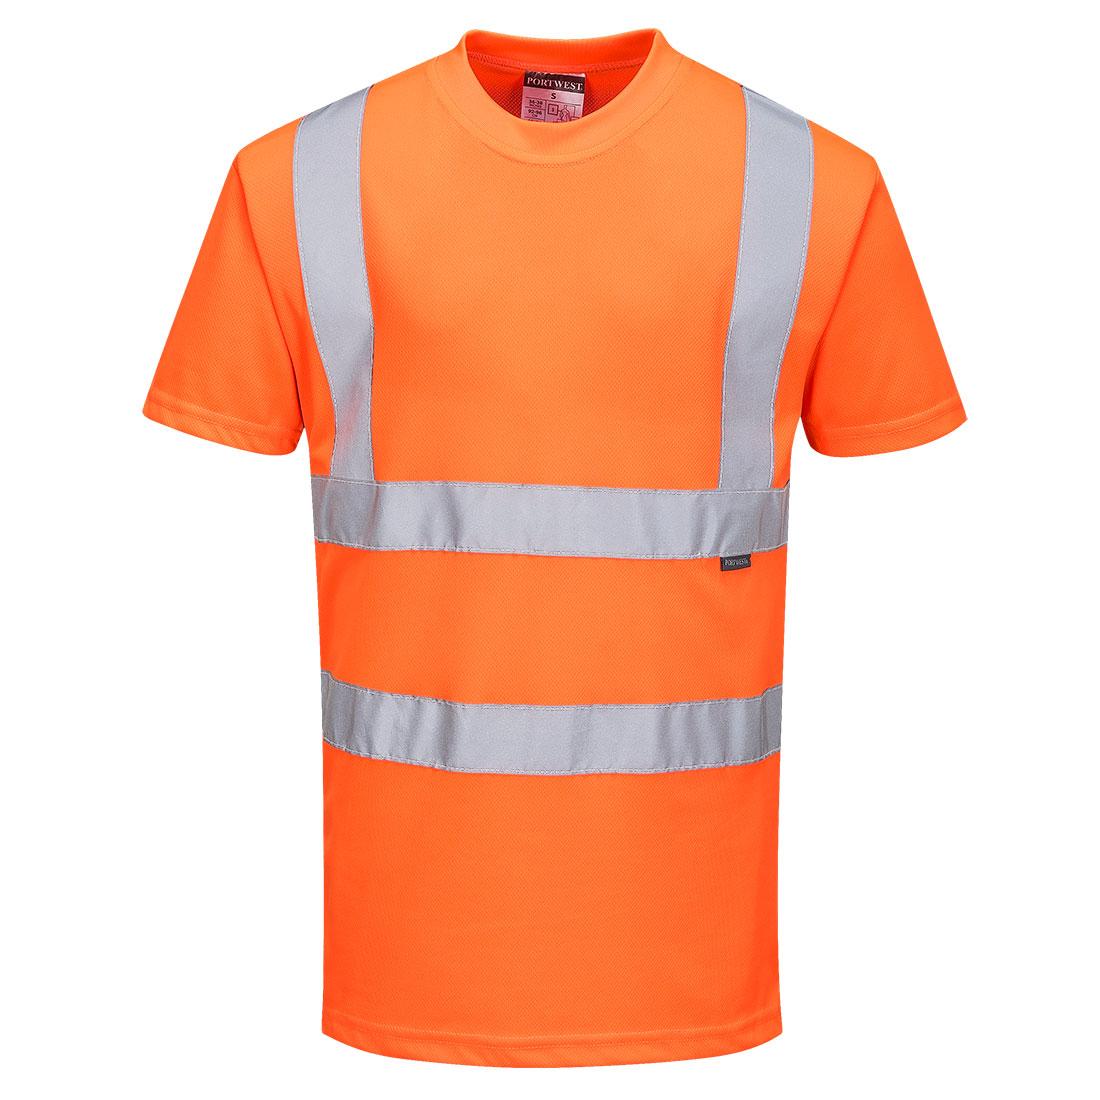 Warnschutz T-Shirt nach GO/RT RT23